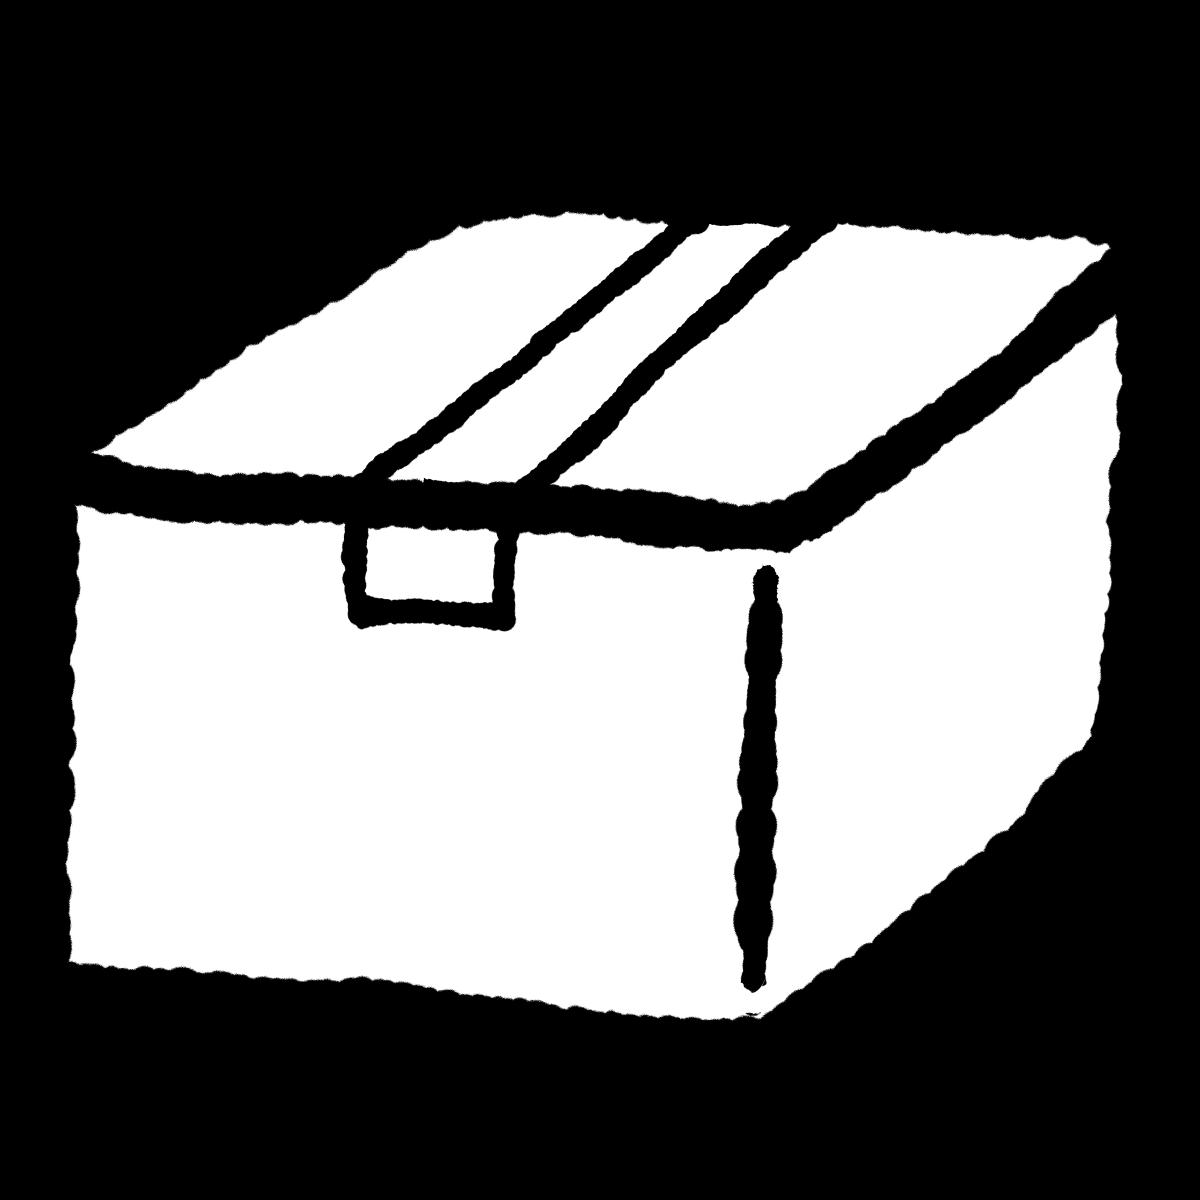 閉じた箱のイラスト Closed box  Illustration